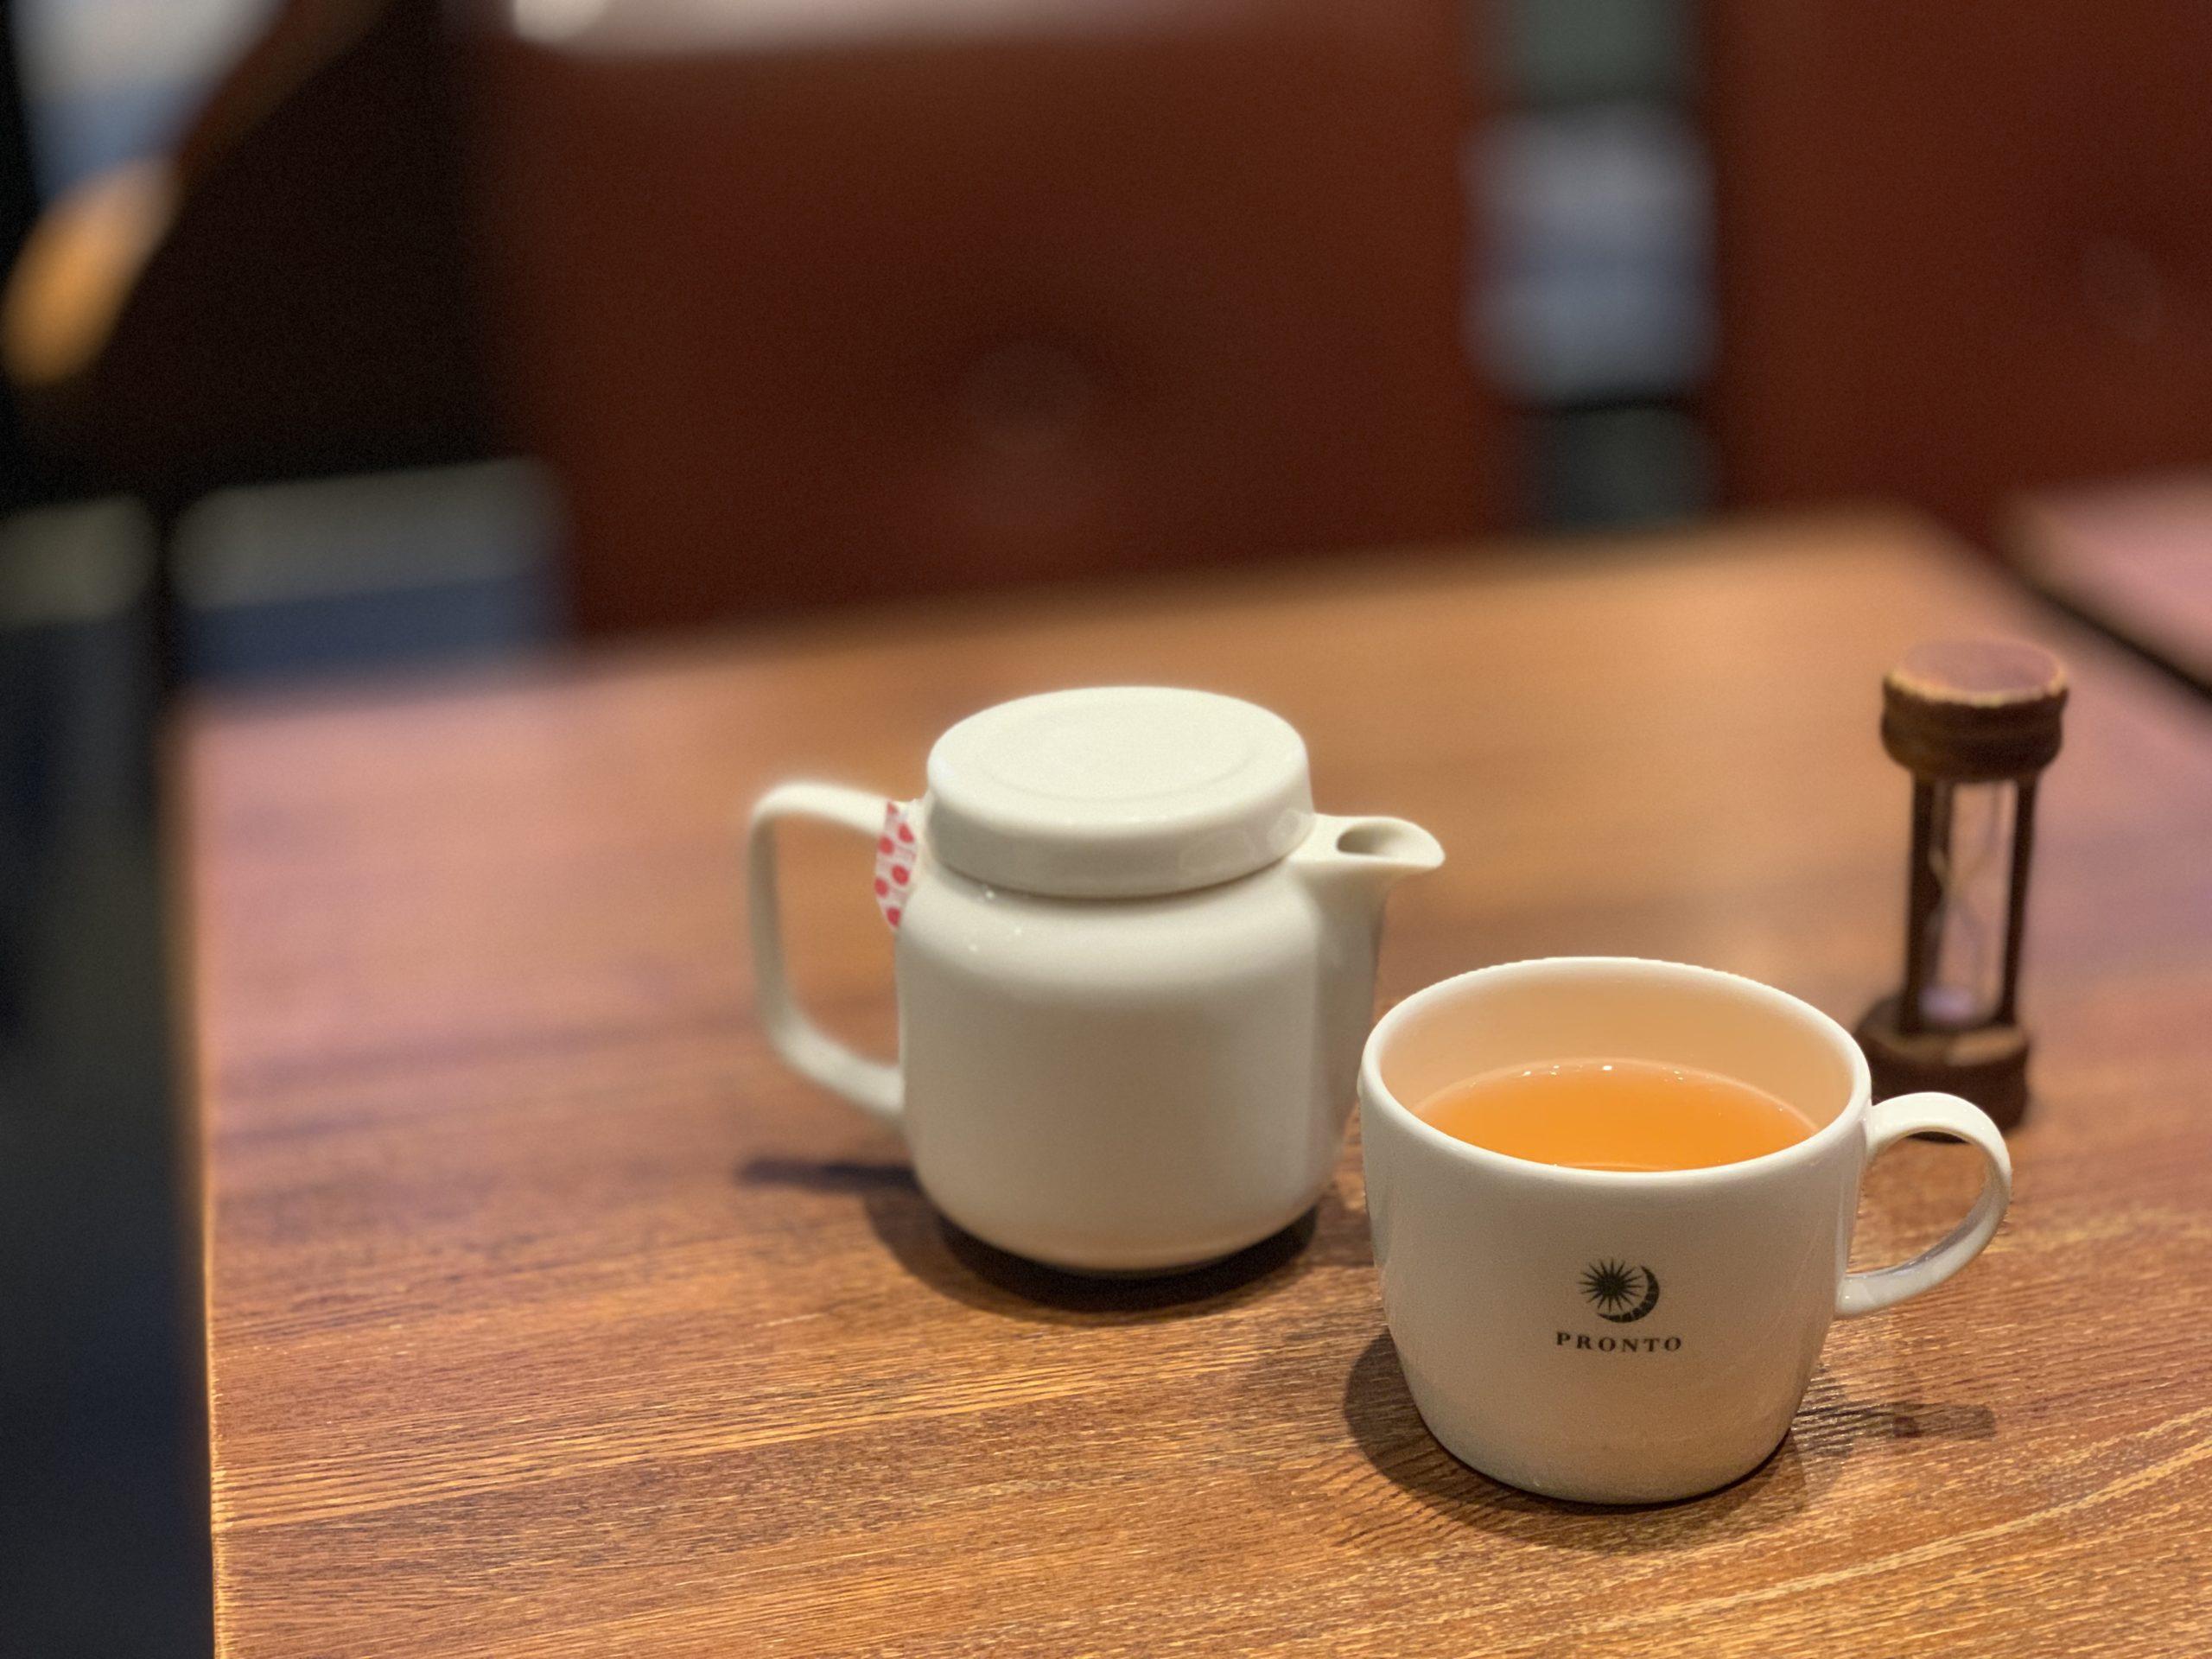 西新井駅東口 打ち合わせカフェ プロント 西新井駅店 Wi-Fi